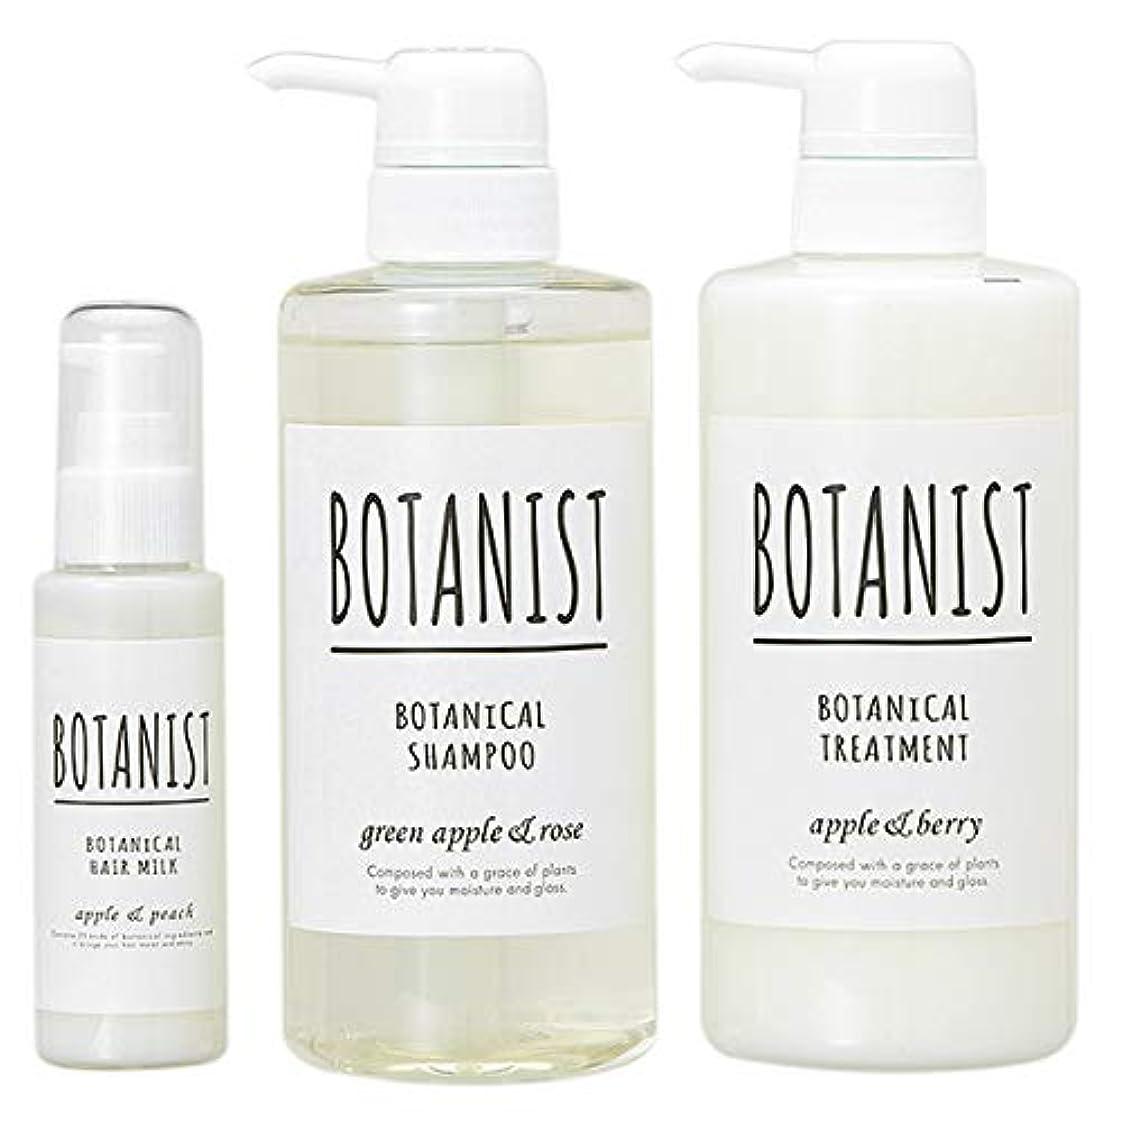 姉妹品種注入ボタニスト BOTANIST さらさらスムース3点セットB (シャンプー490mL + トリートメント490g + ヘアミルク80mL)